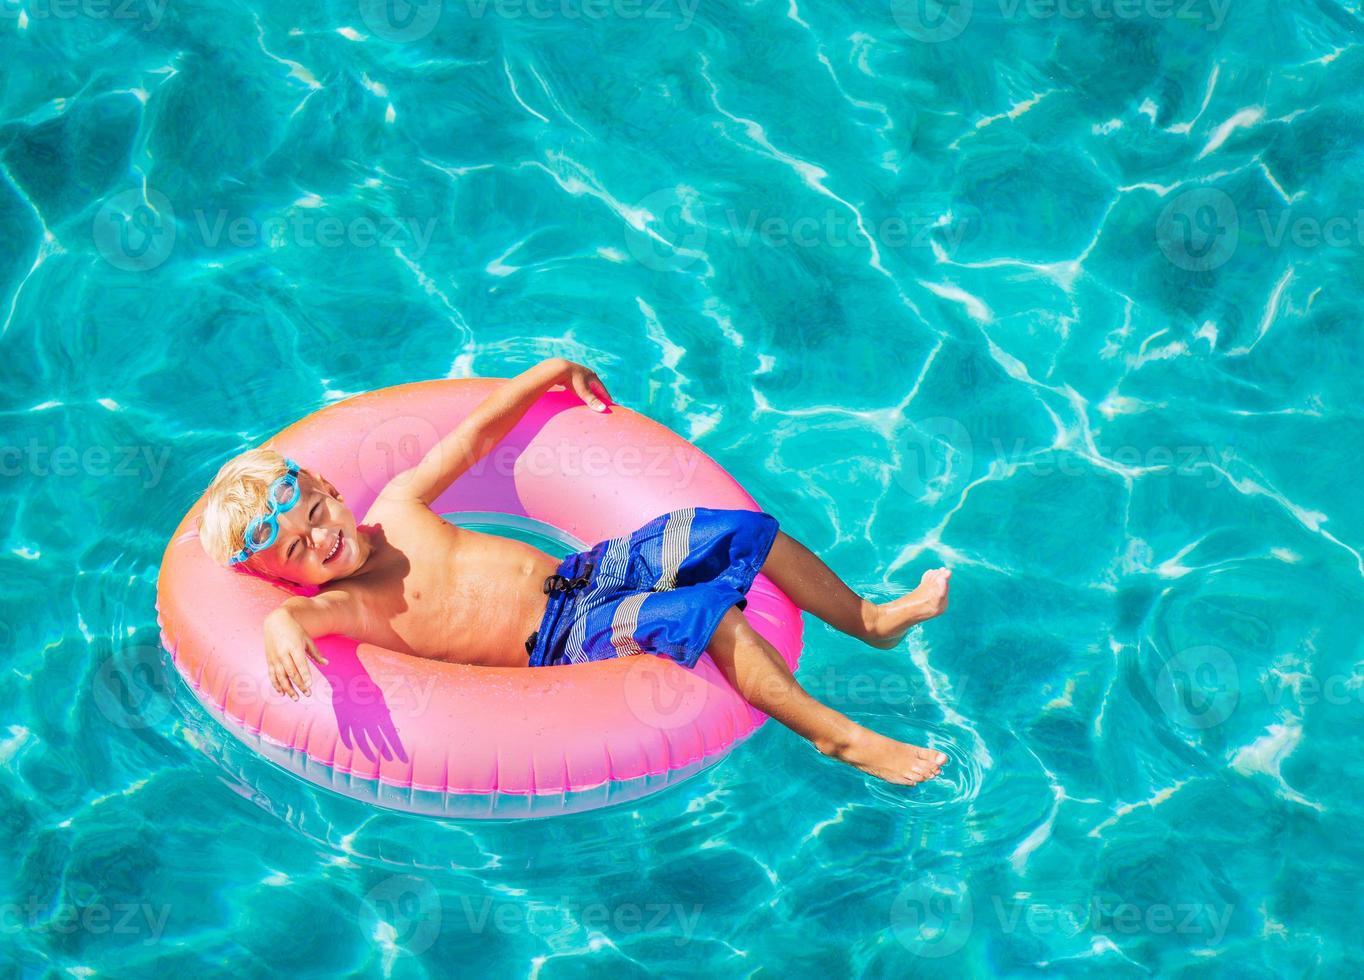 kleines Kind, das Spaß im Schwimmbad hat foto